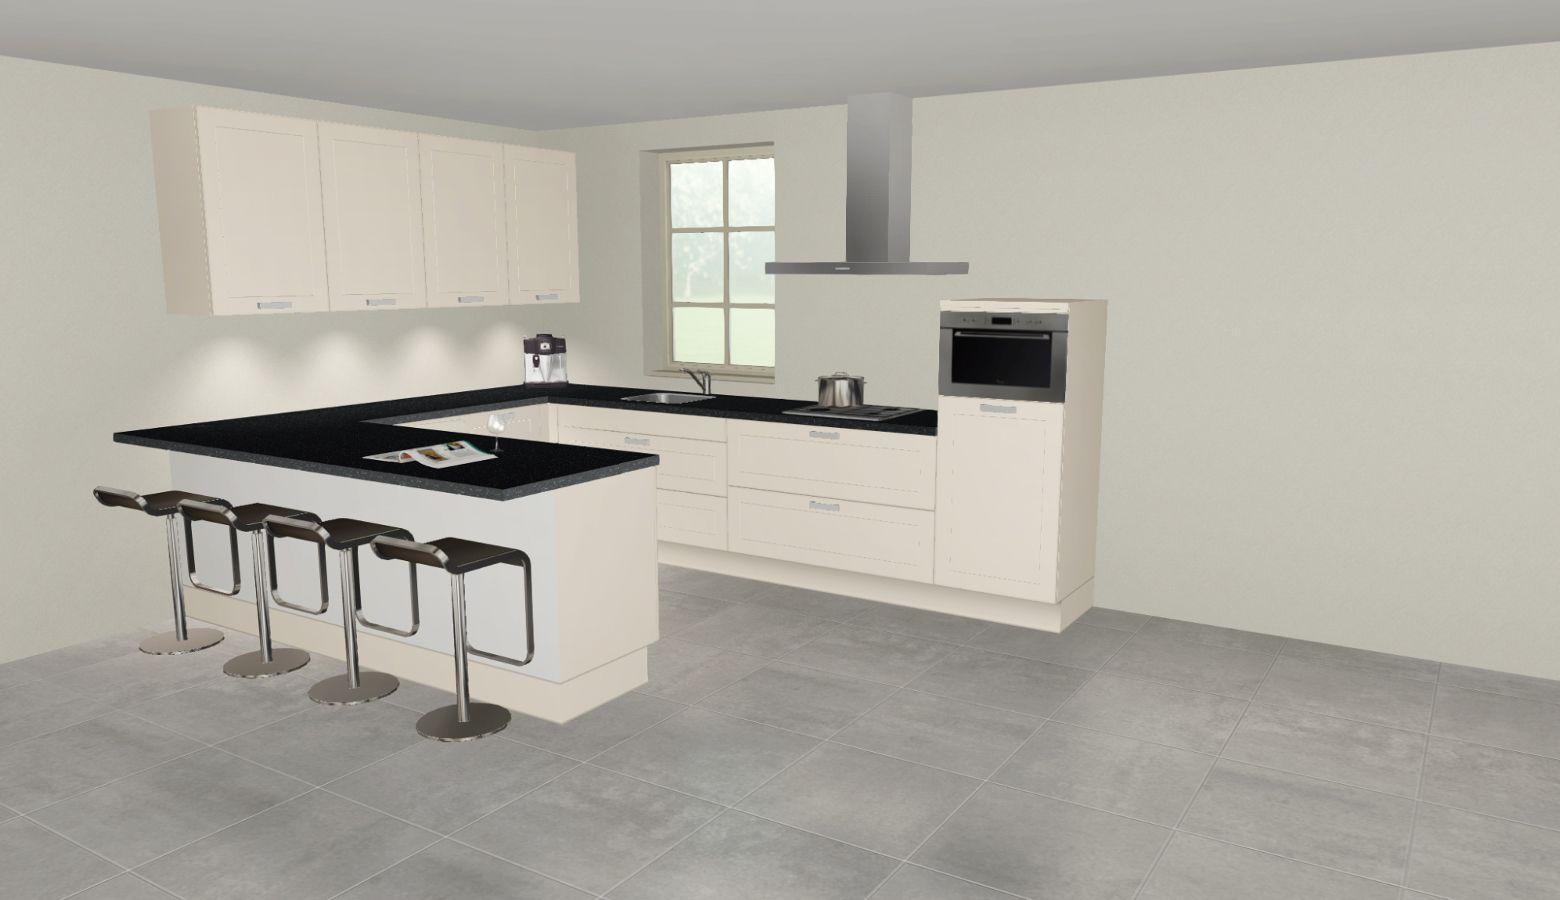 Kleine keuken uitverkoop u2013 informatie over de keuken